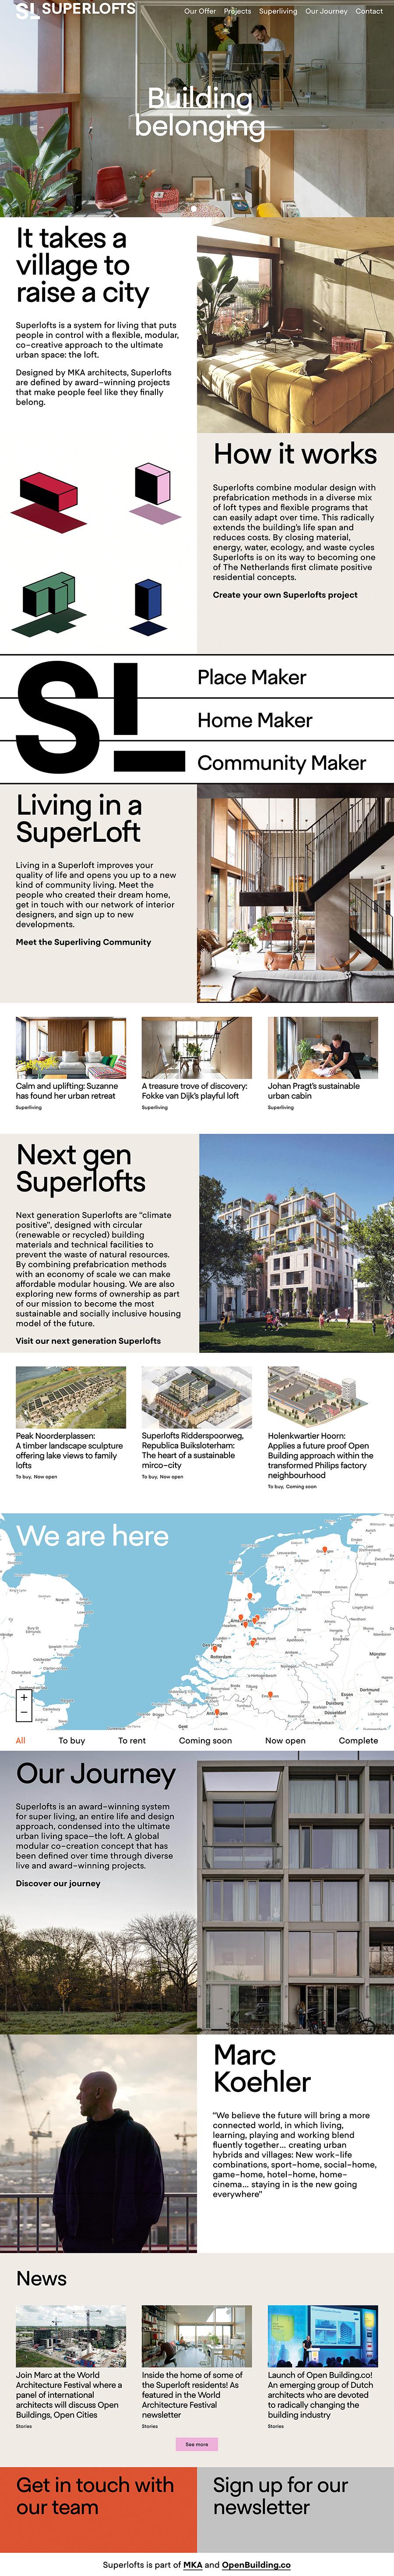 Superlofts Best Architecture Website